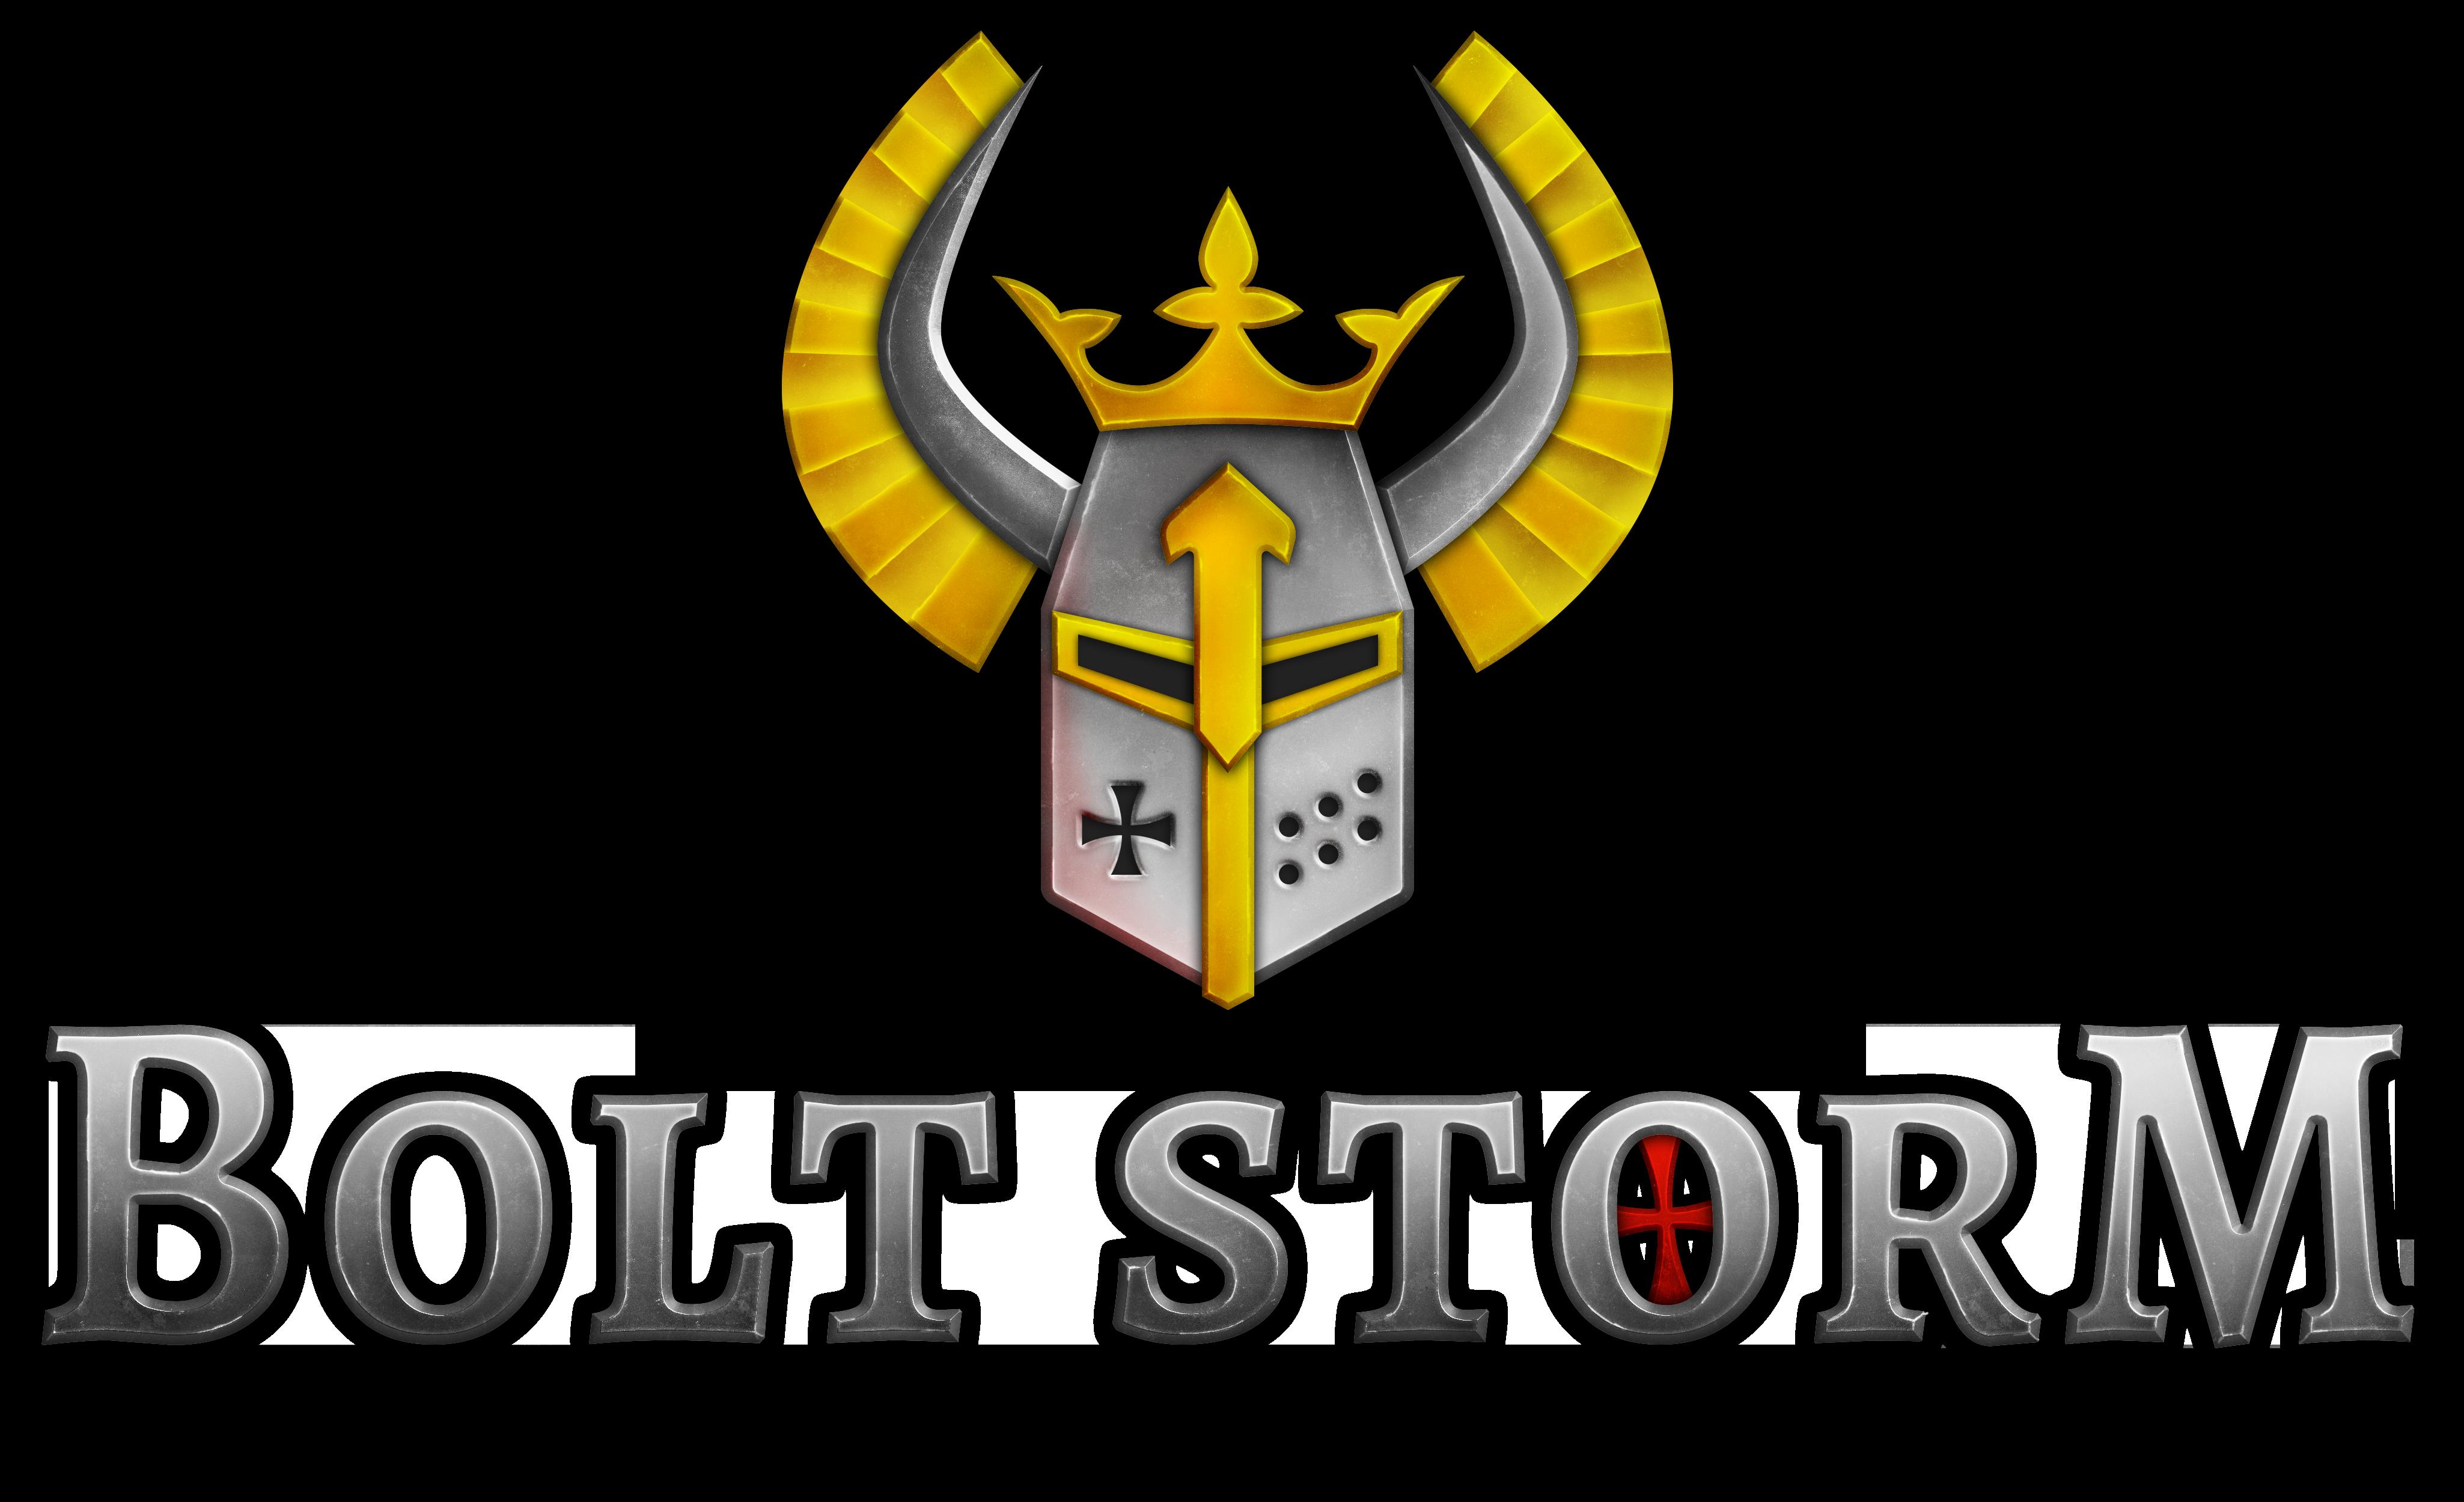 Bolt Storm Logo